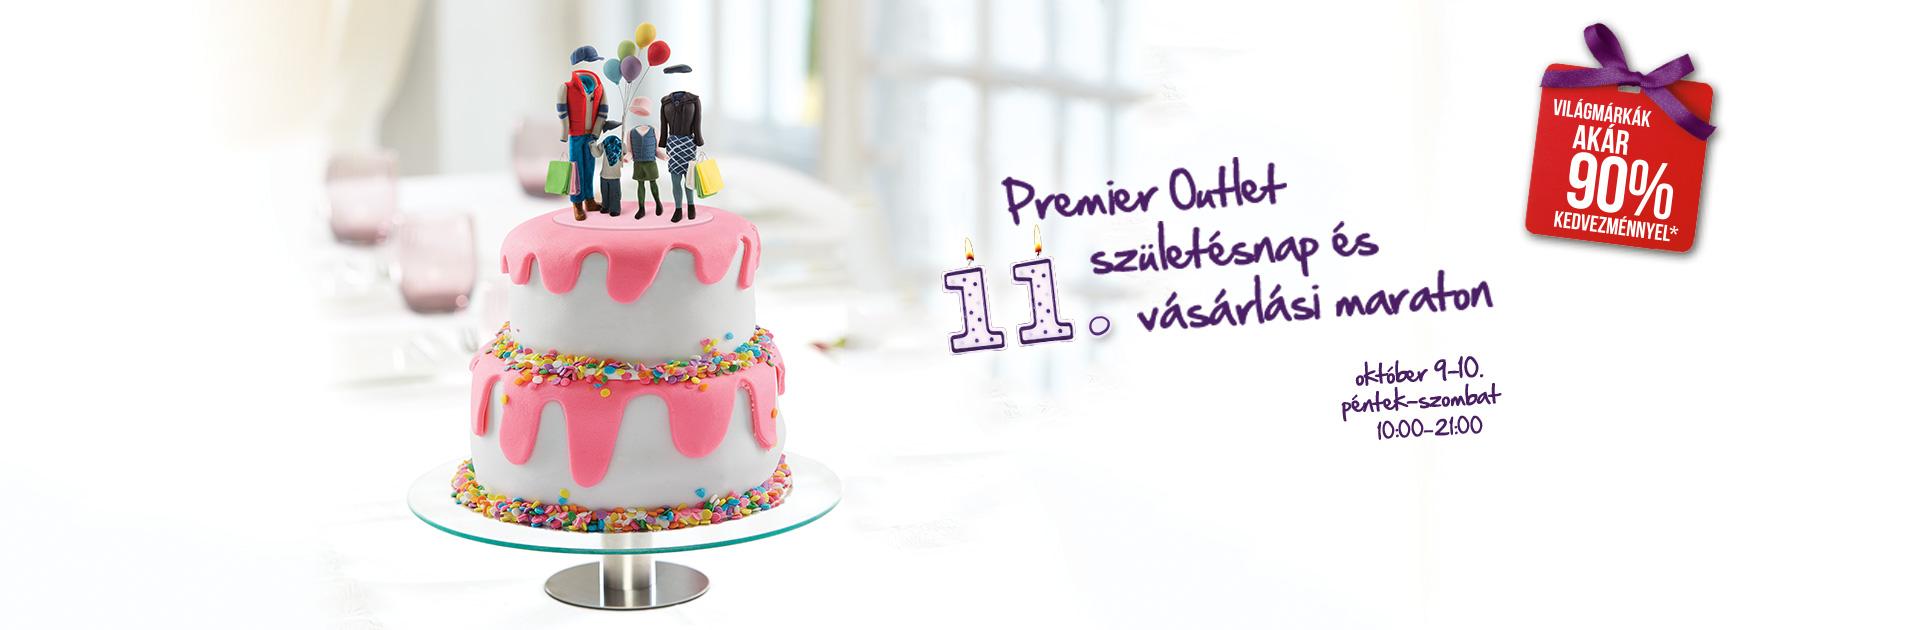 20150925-premier11-1920